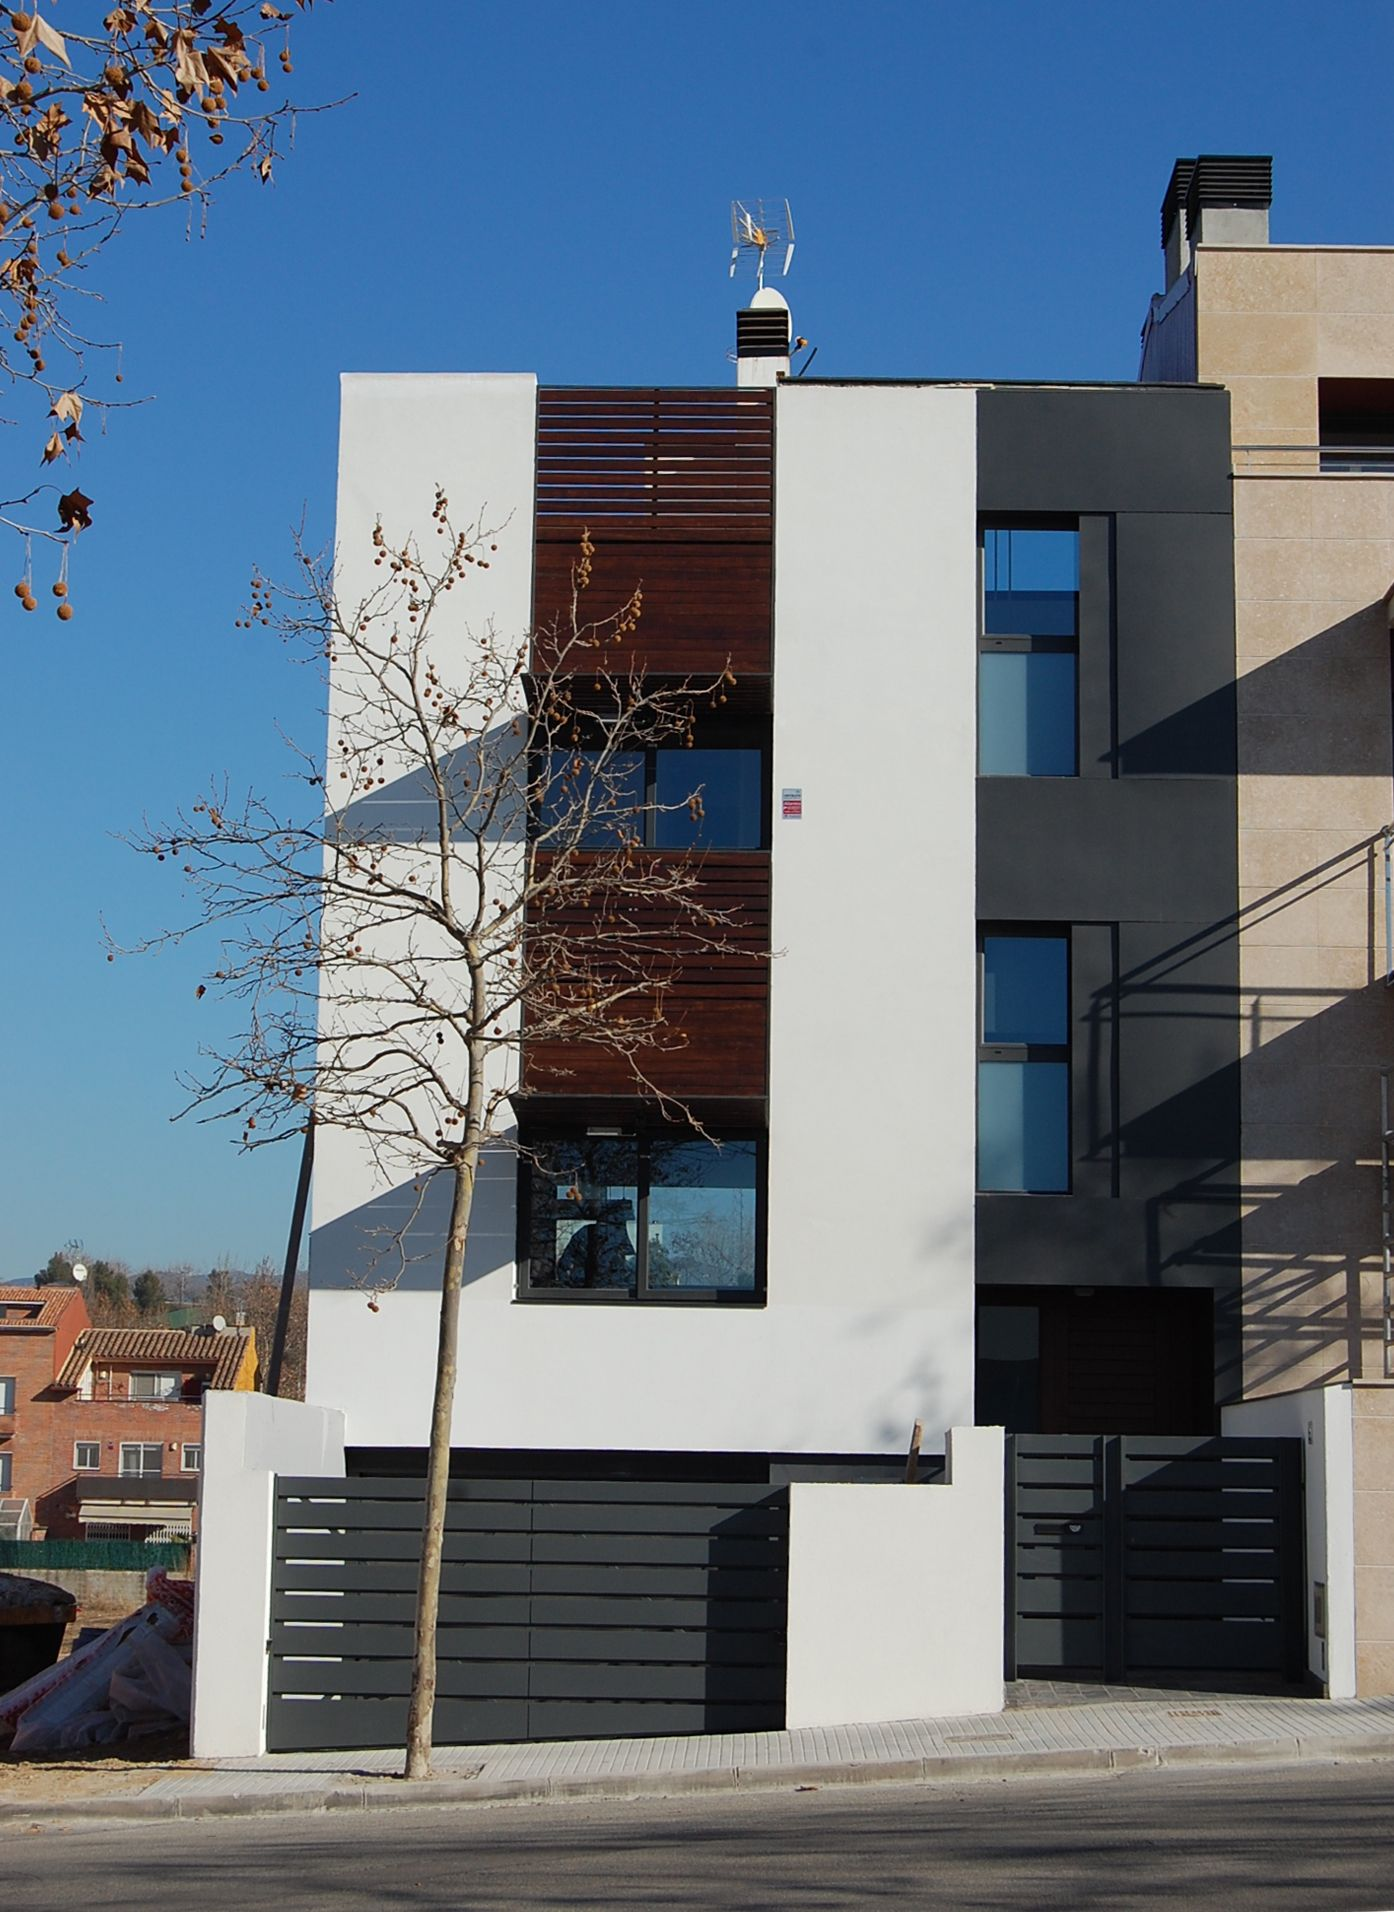 Edificios moderno exterior fachada vidrio arboles for Fachada de casas modernas con vidrio